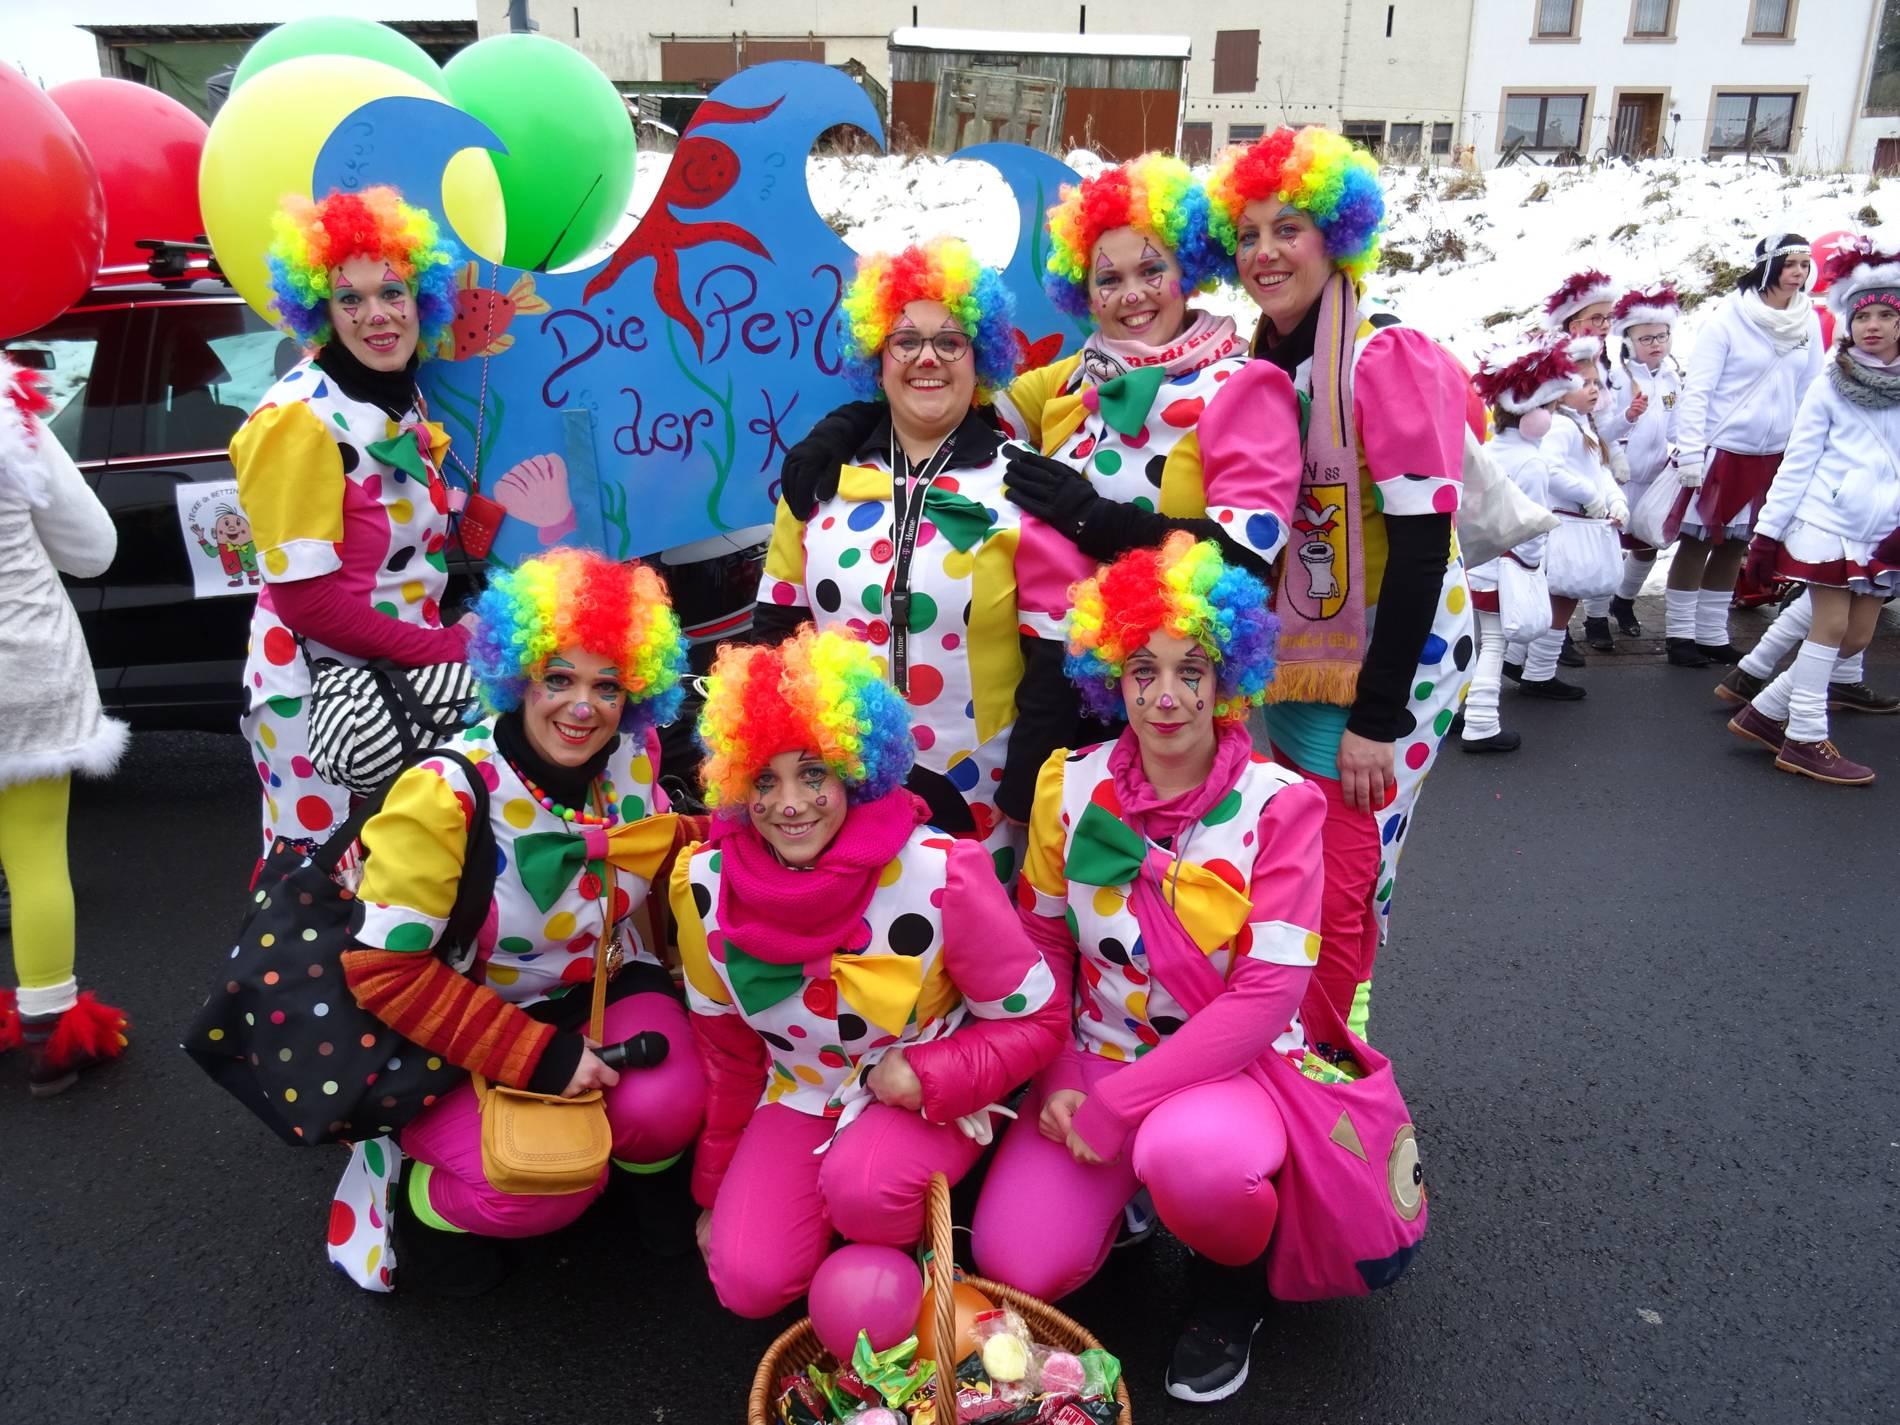 oberbettingen karneval